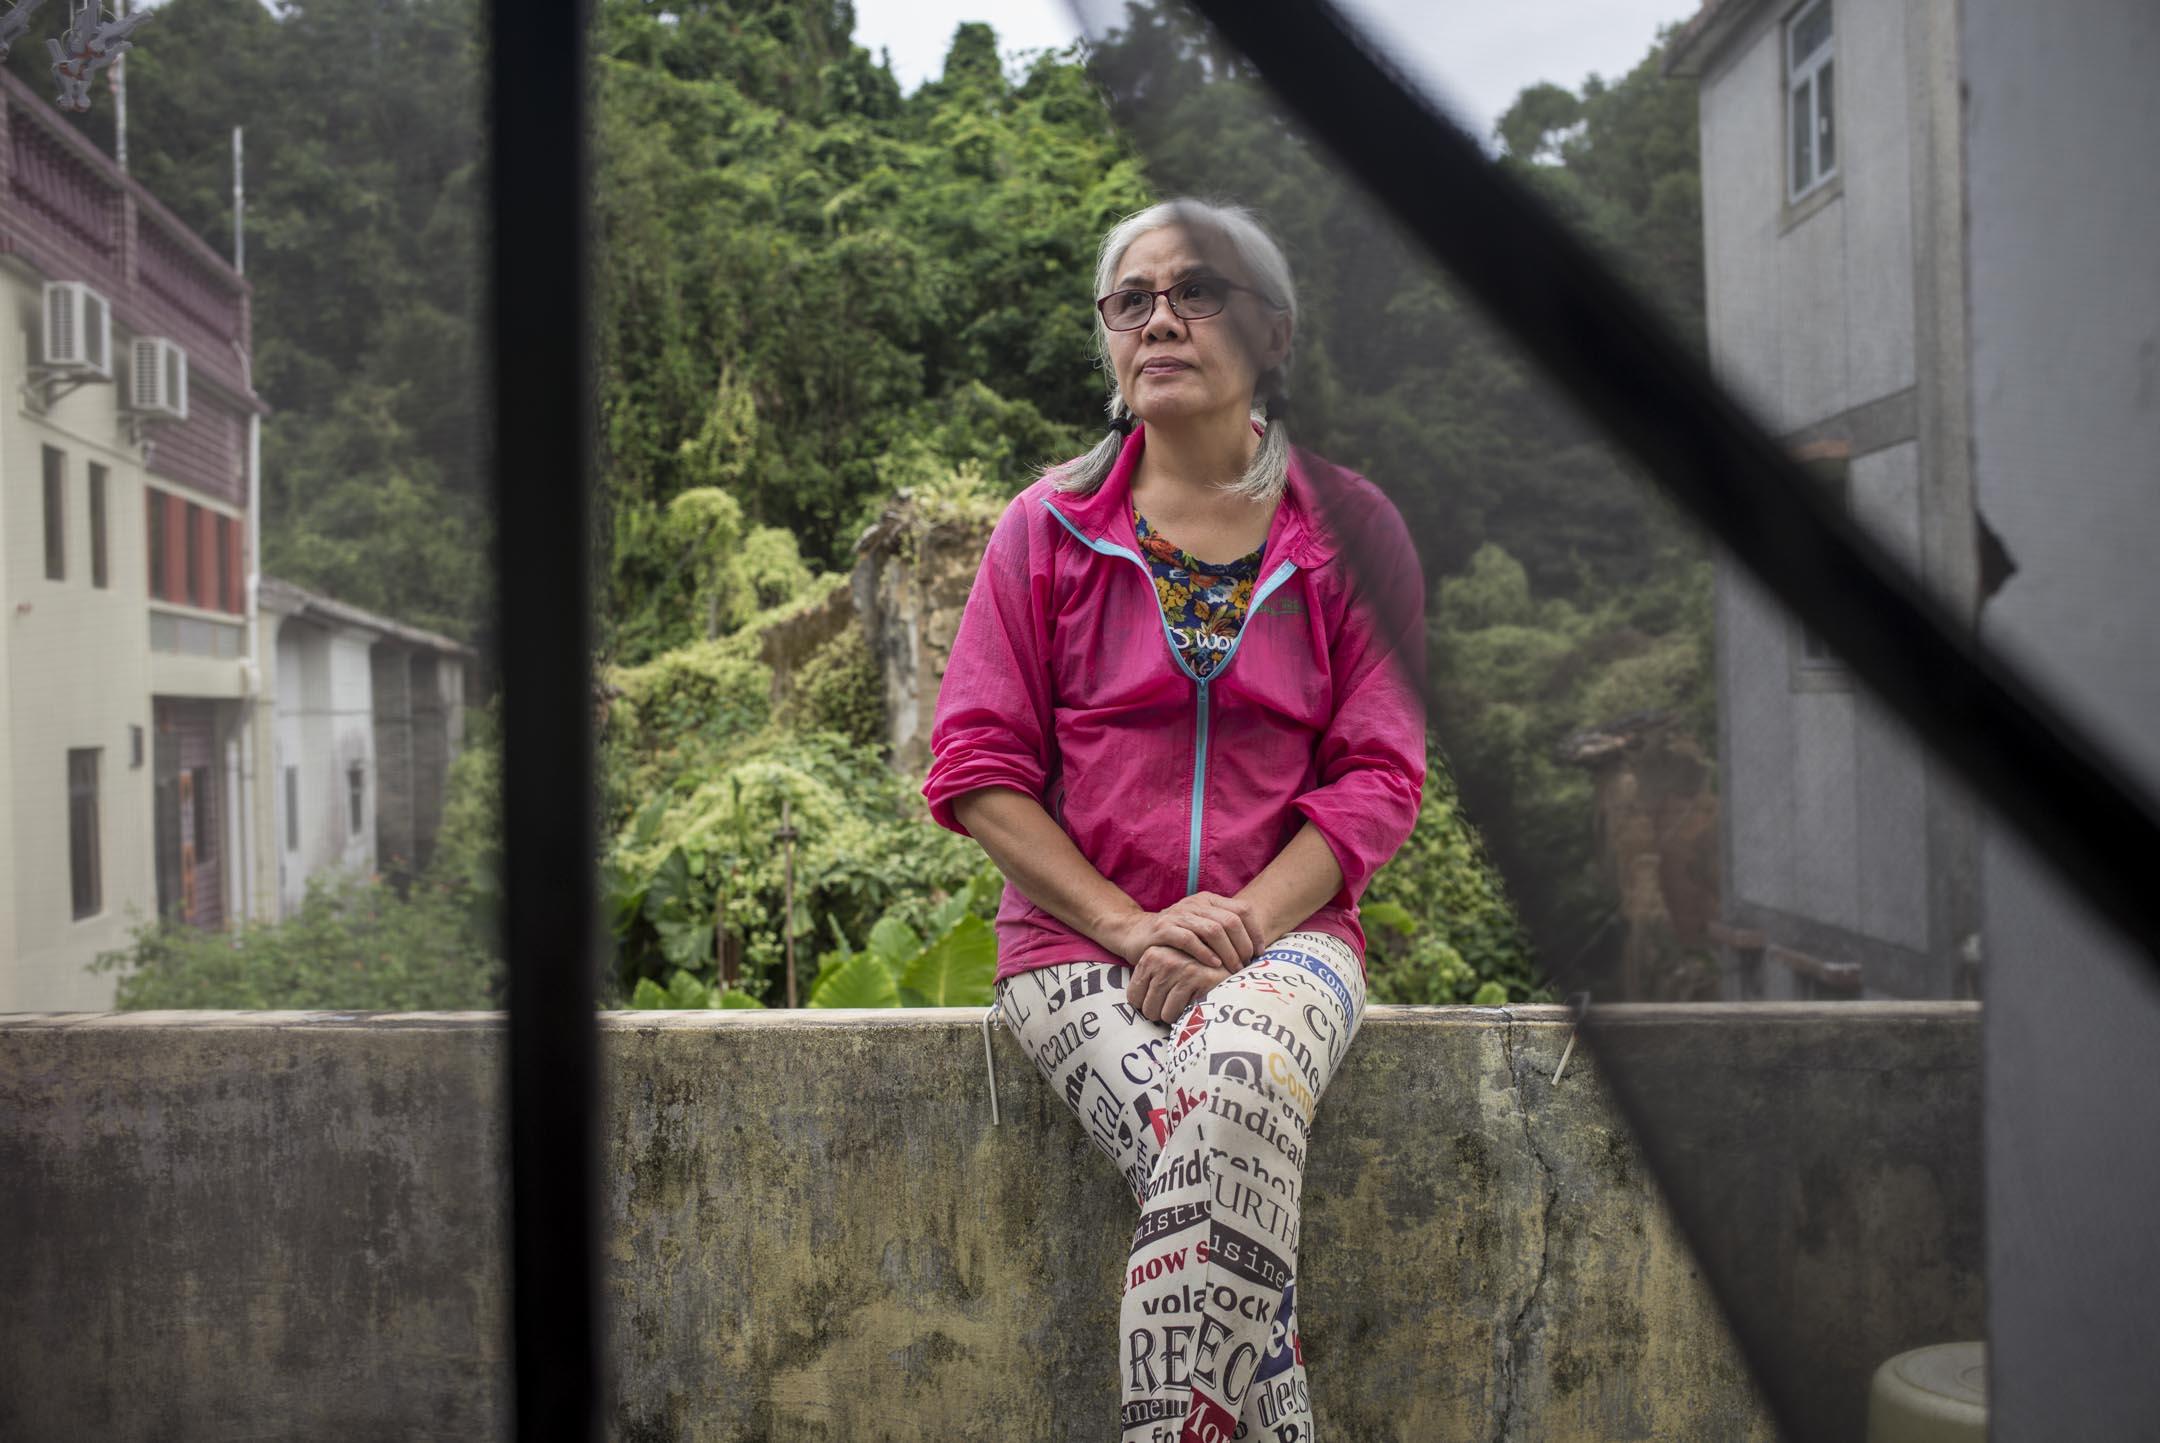 彭日進住在荔枝窩一個有三百年歷史的客家圍村,每天早晨五六點醒來,不吃早飯,直接下地幹活。她有一塊圓心田,平日生活靠地裏的時令蔬果就能滿足,不喜歡吃肉。 攝:林振東/端傳媒